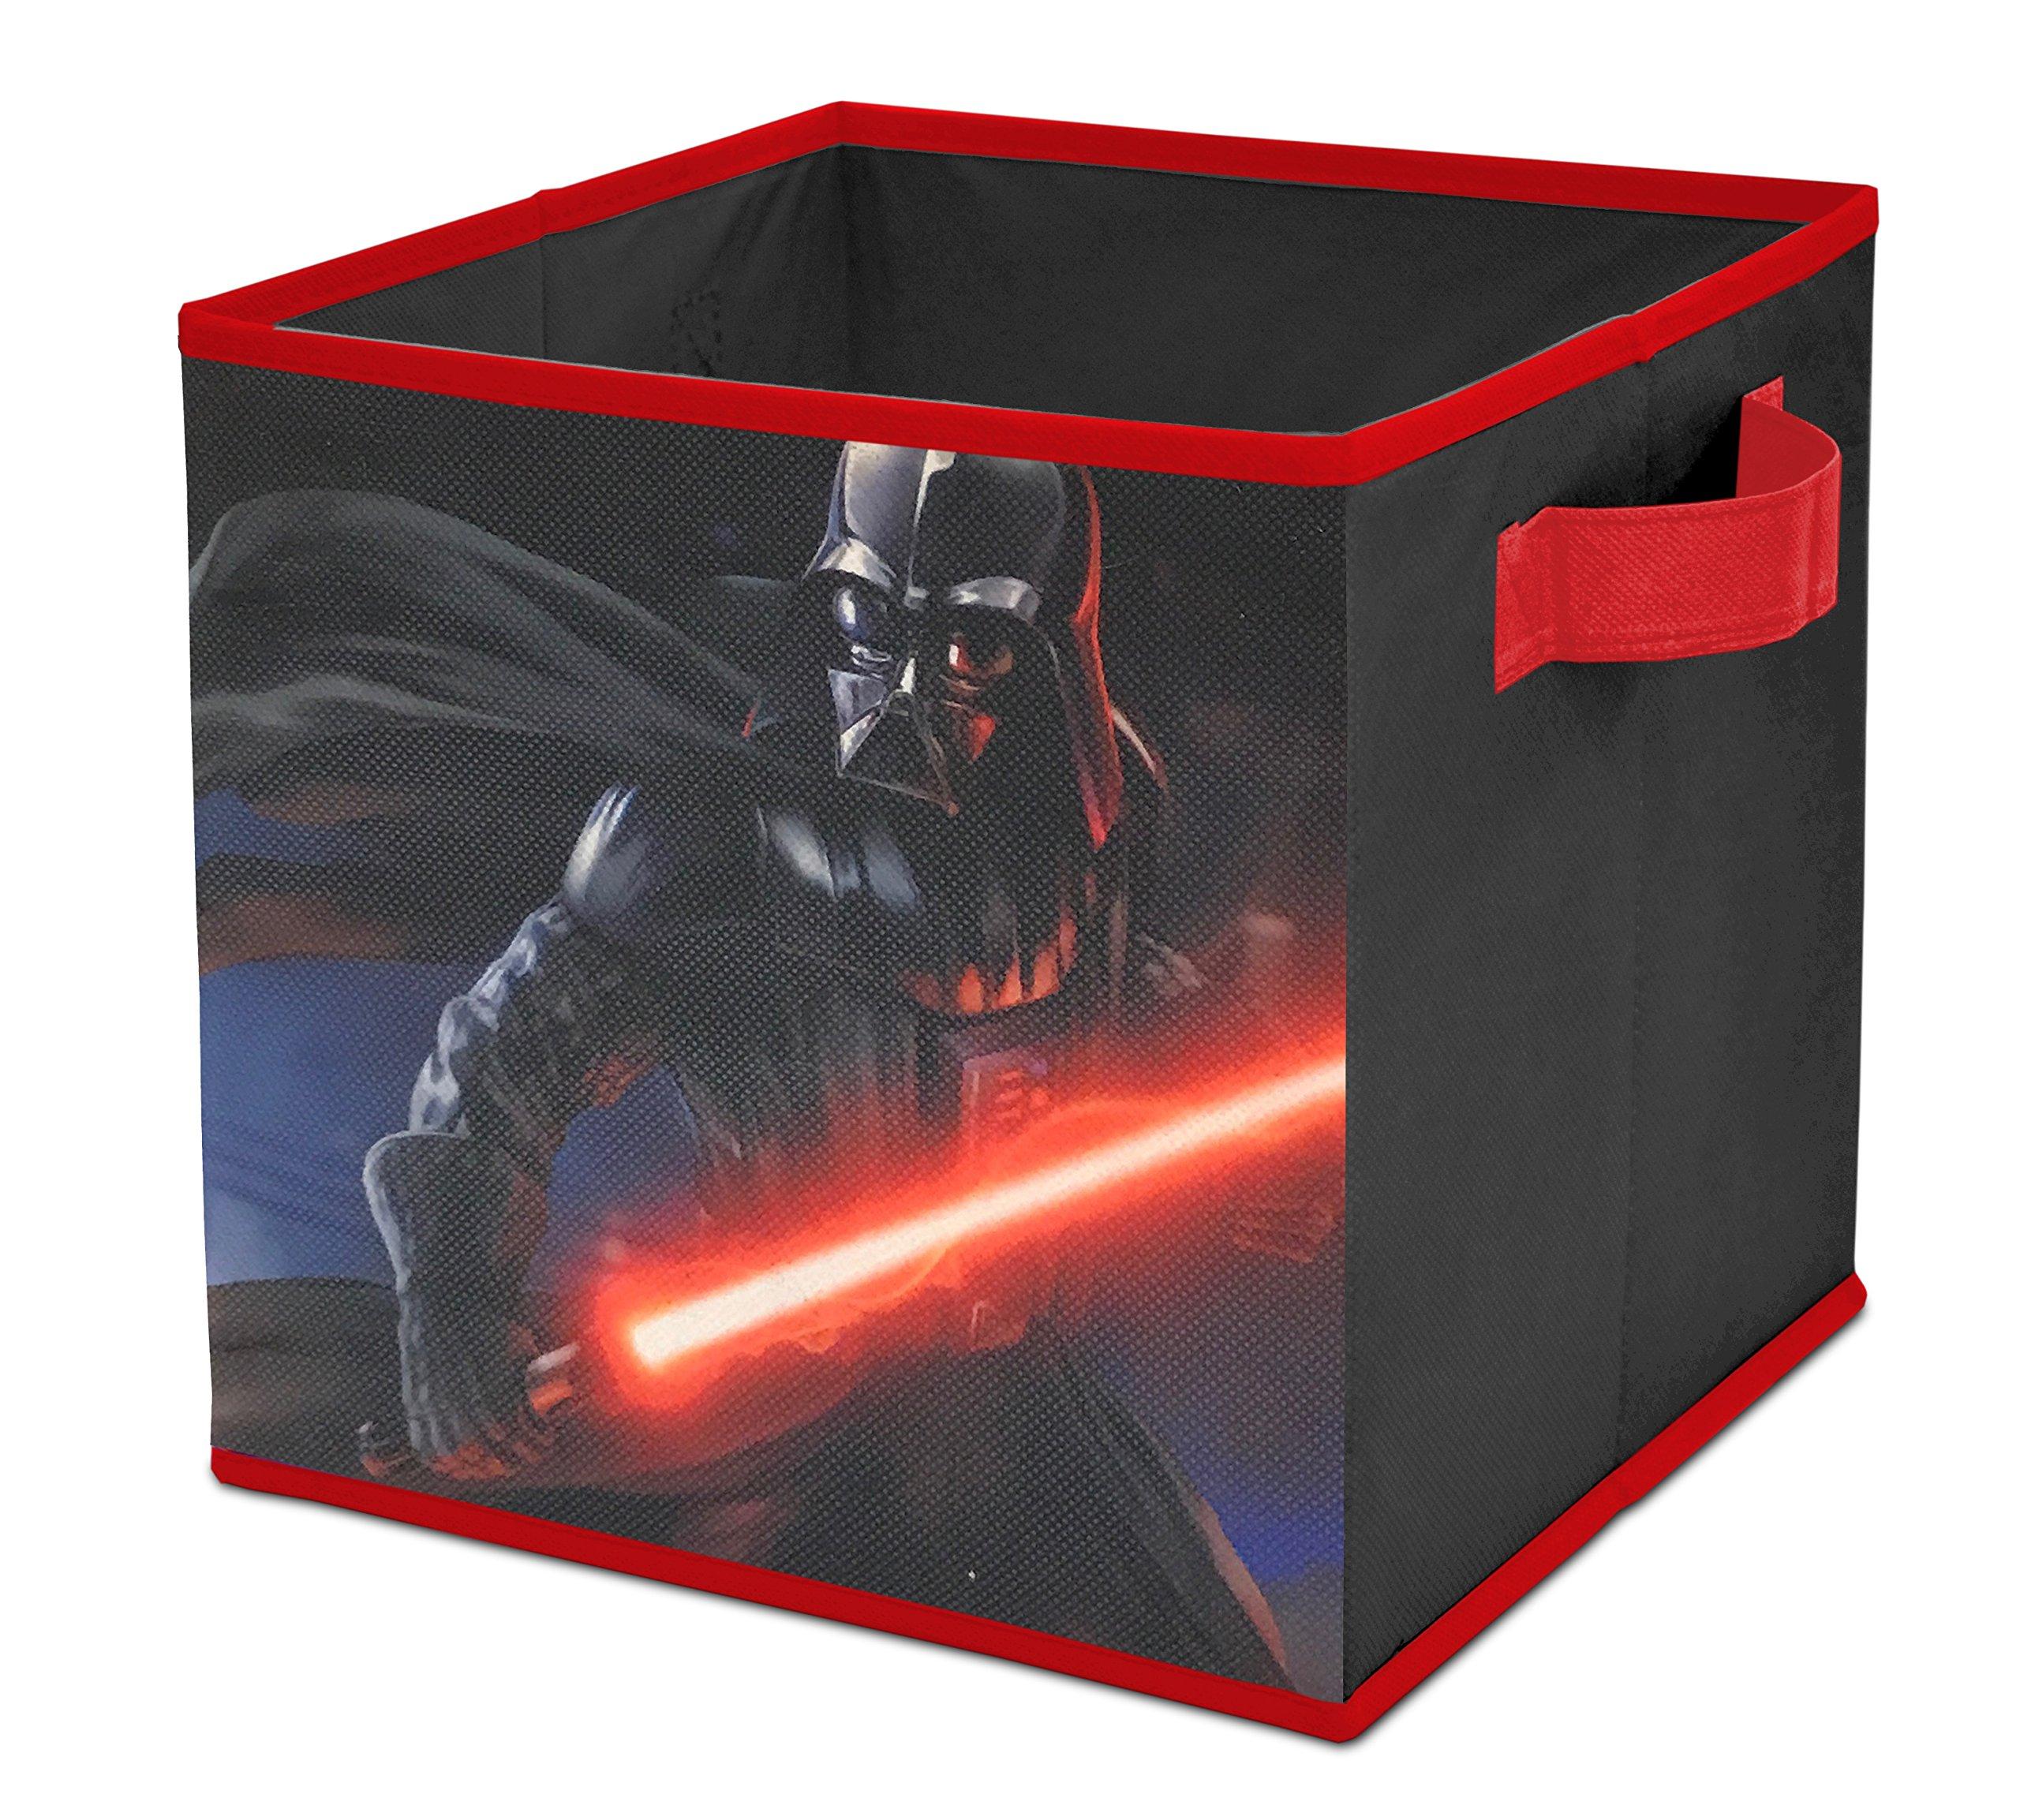 Disney Star Wars Storage Cubes